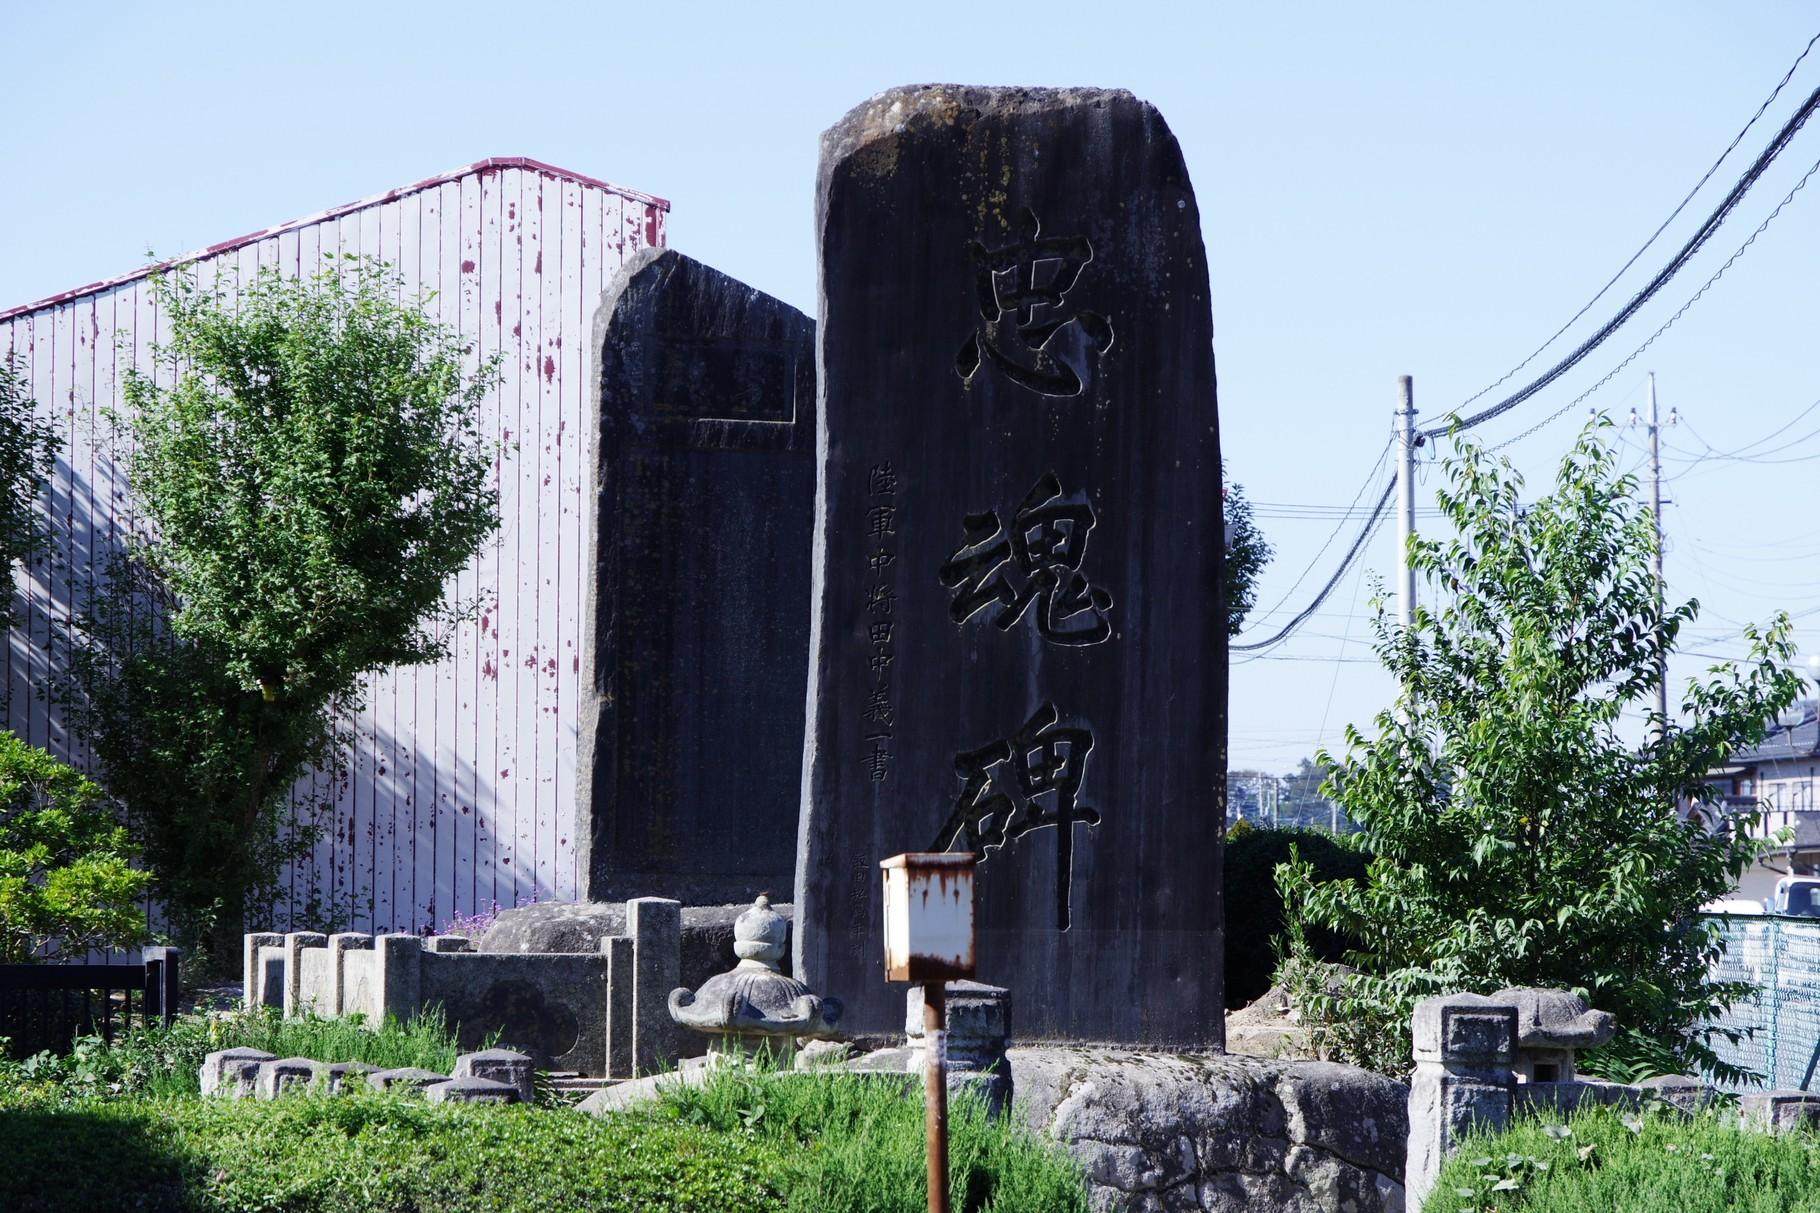 玉小学校前の忠魂碑 「碑」の文字まで浸水